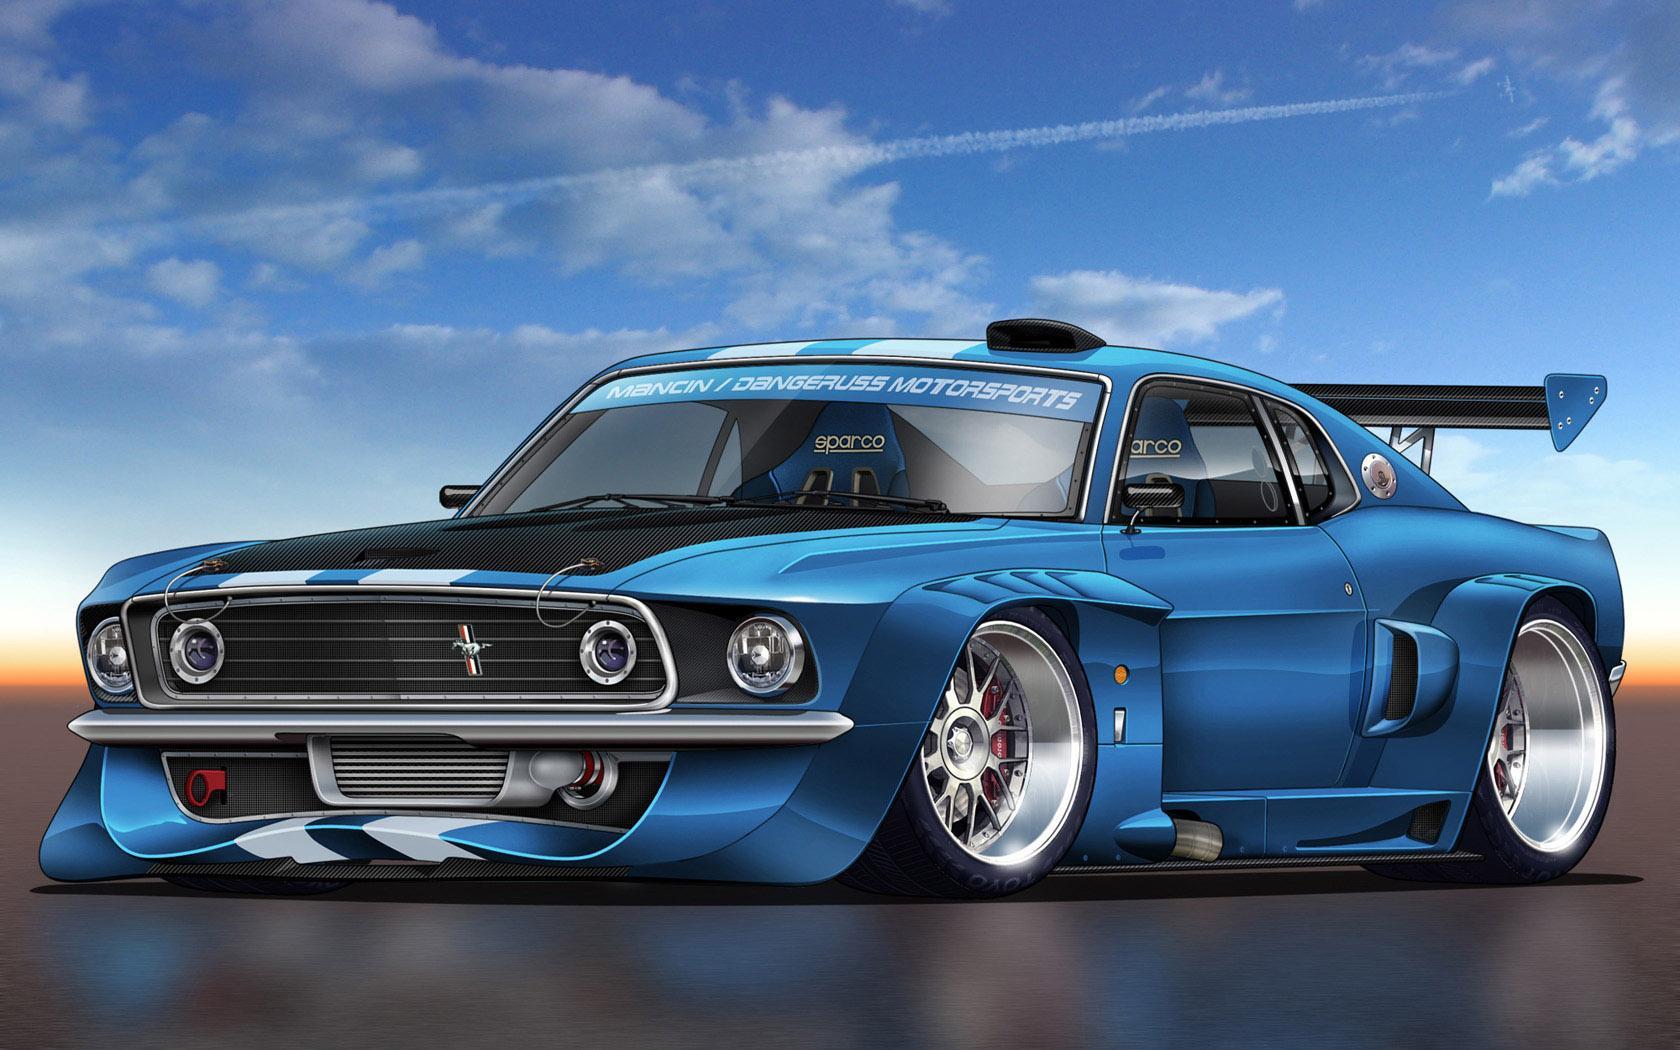 Classic Car wallpaper   1024x768   #6861